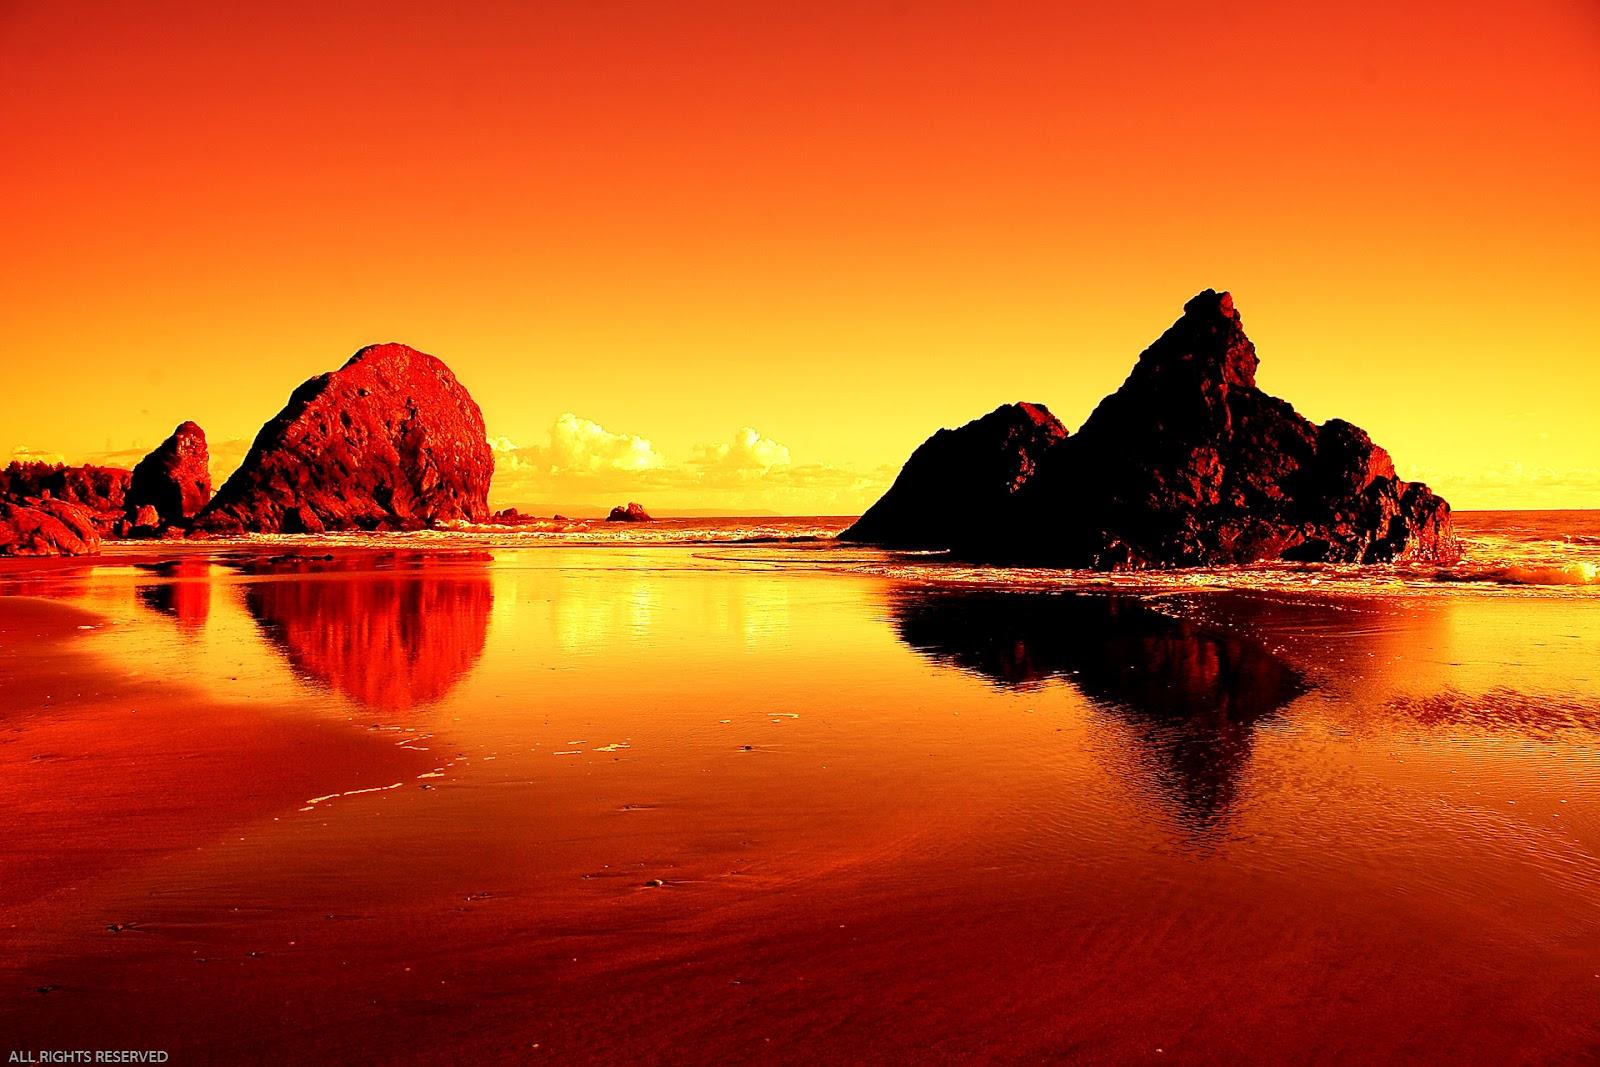 Amazing Sunsets - Wonderful